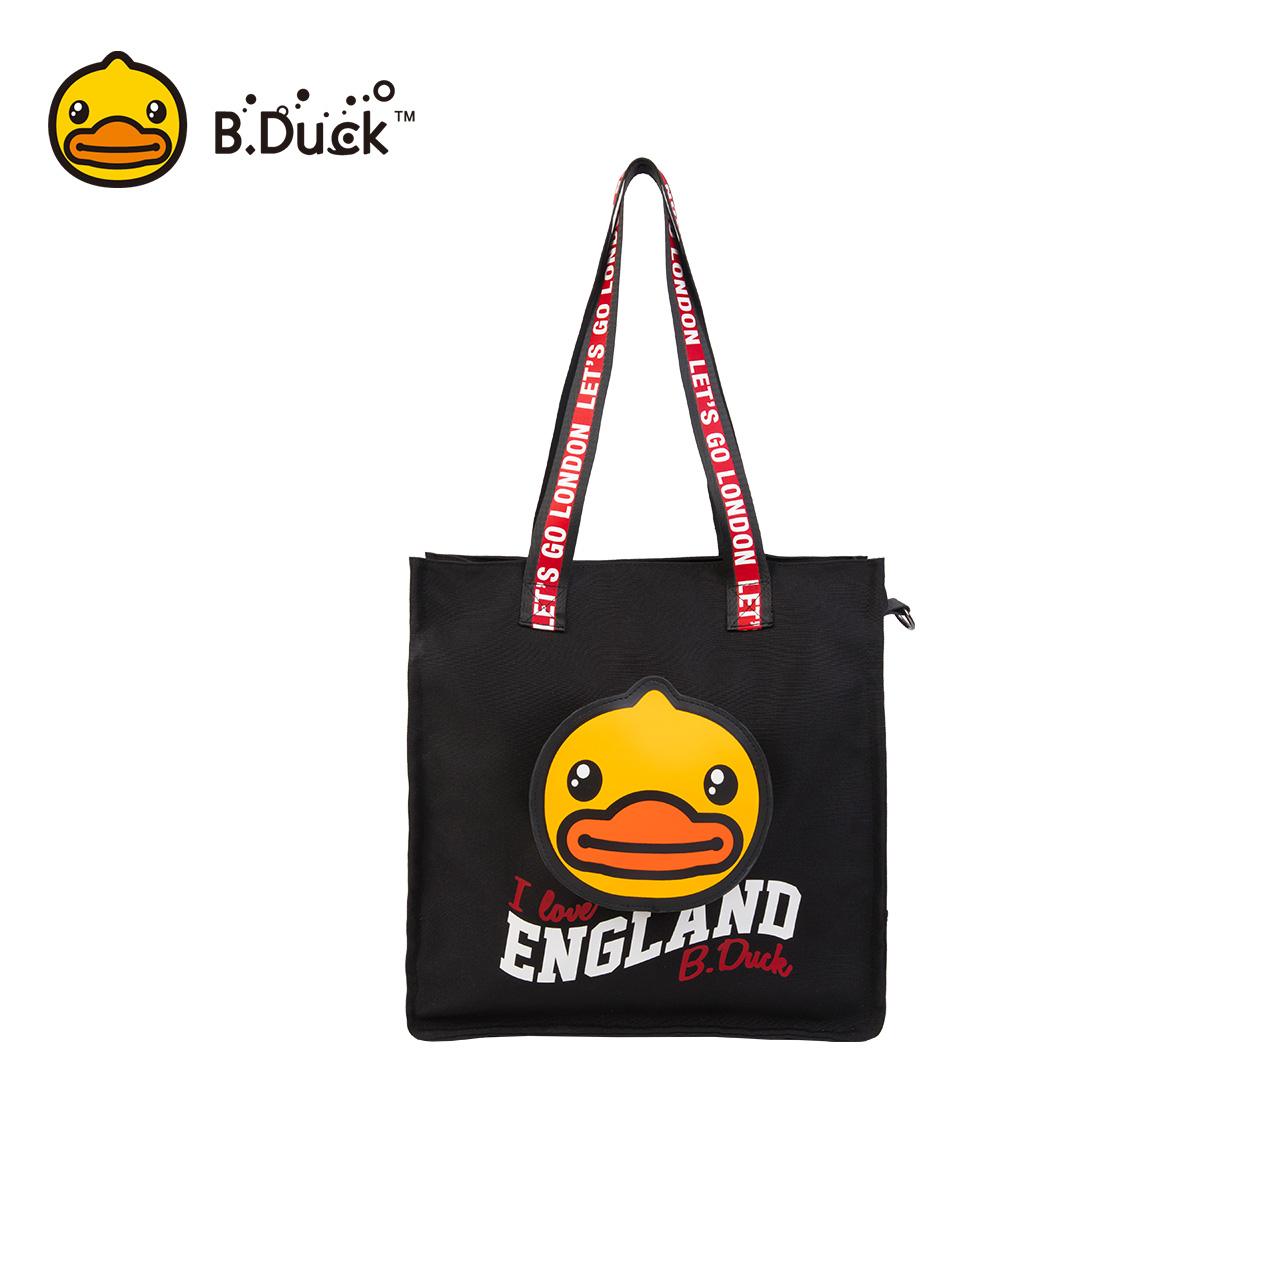 B.Duck小黄鸭England系列牛津布手提斜挎包时尚潮流2018新品